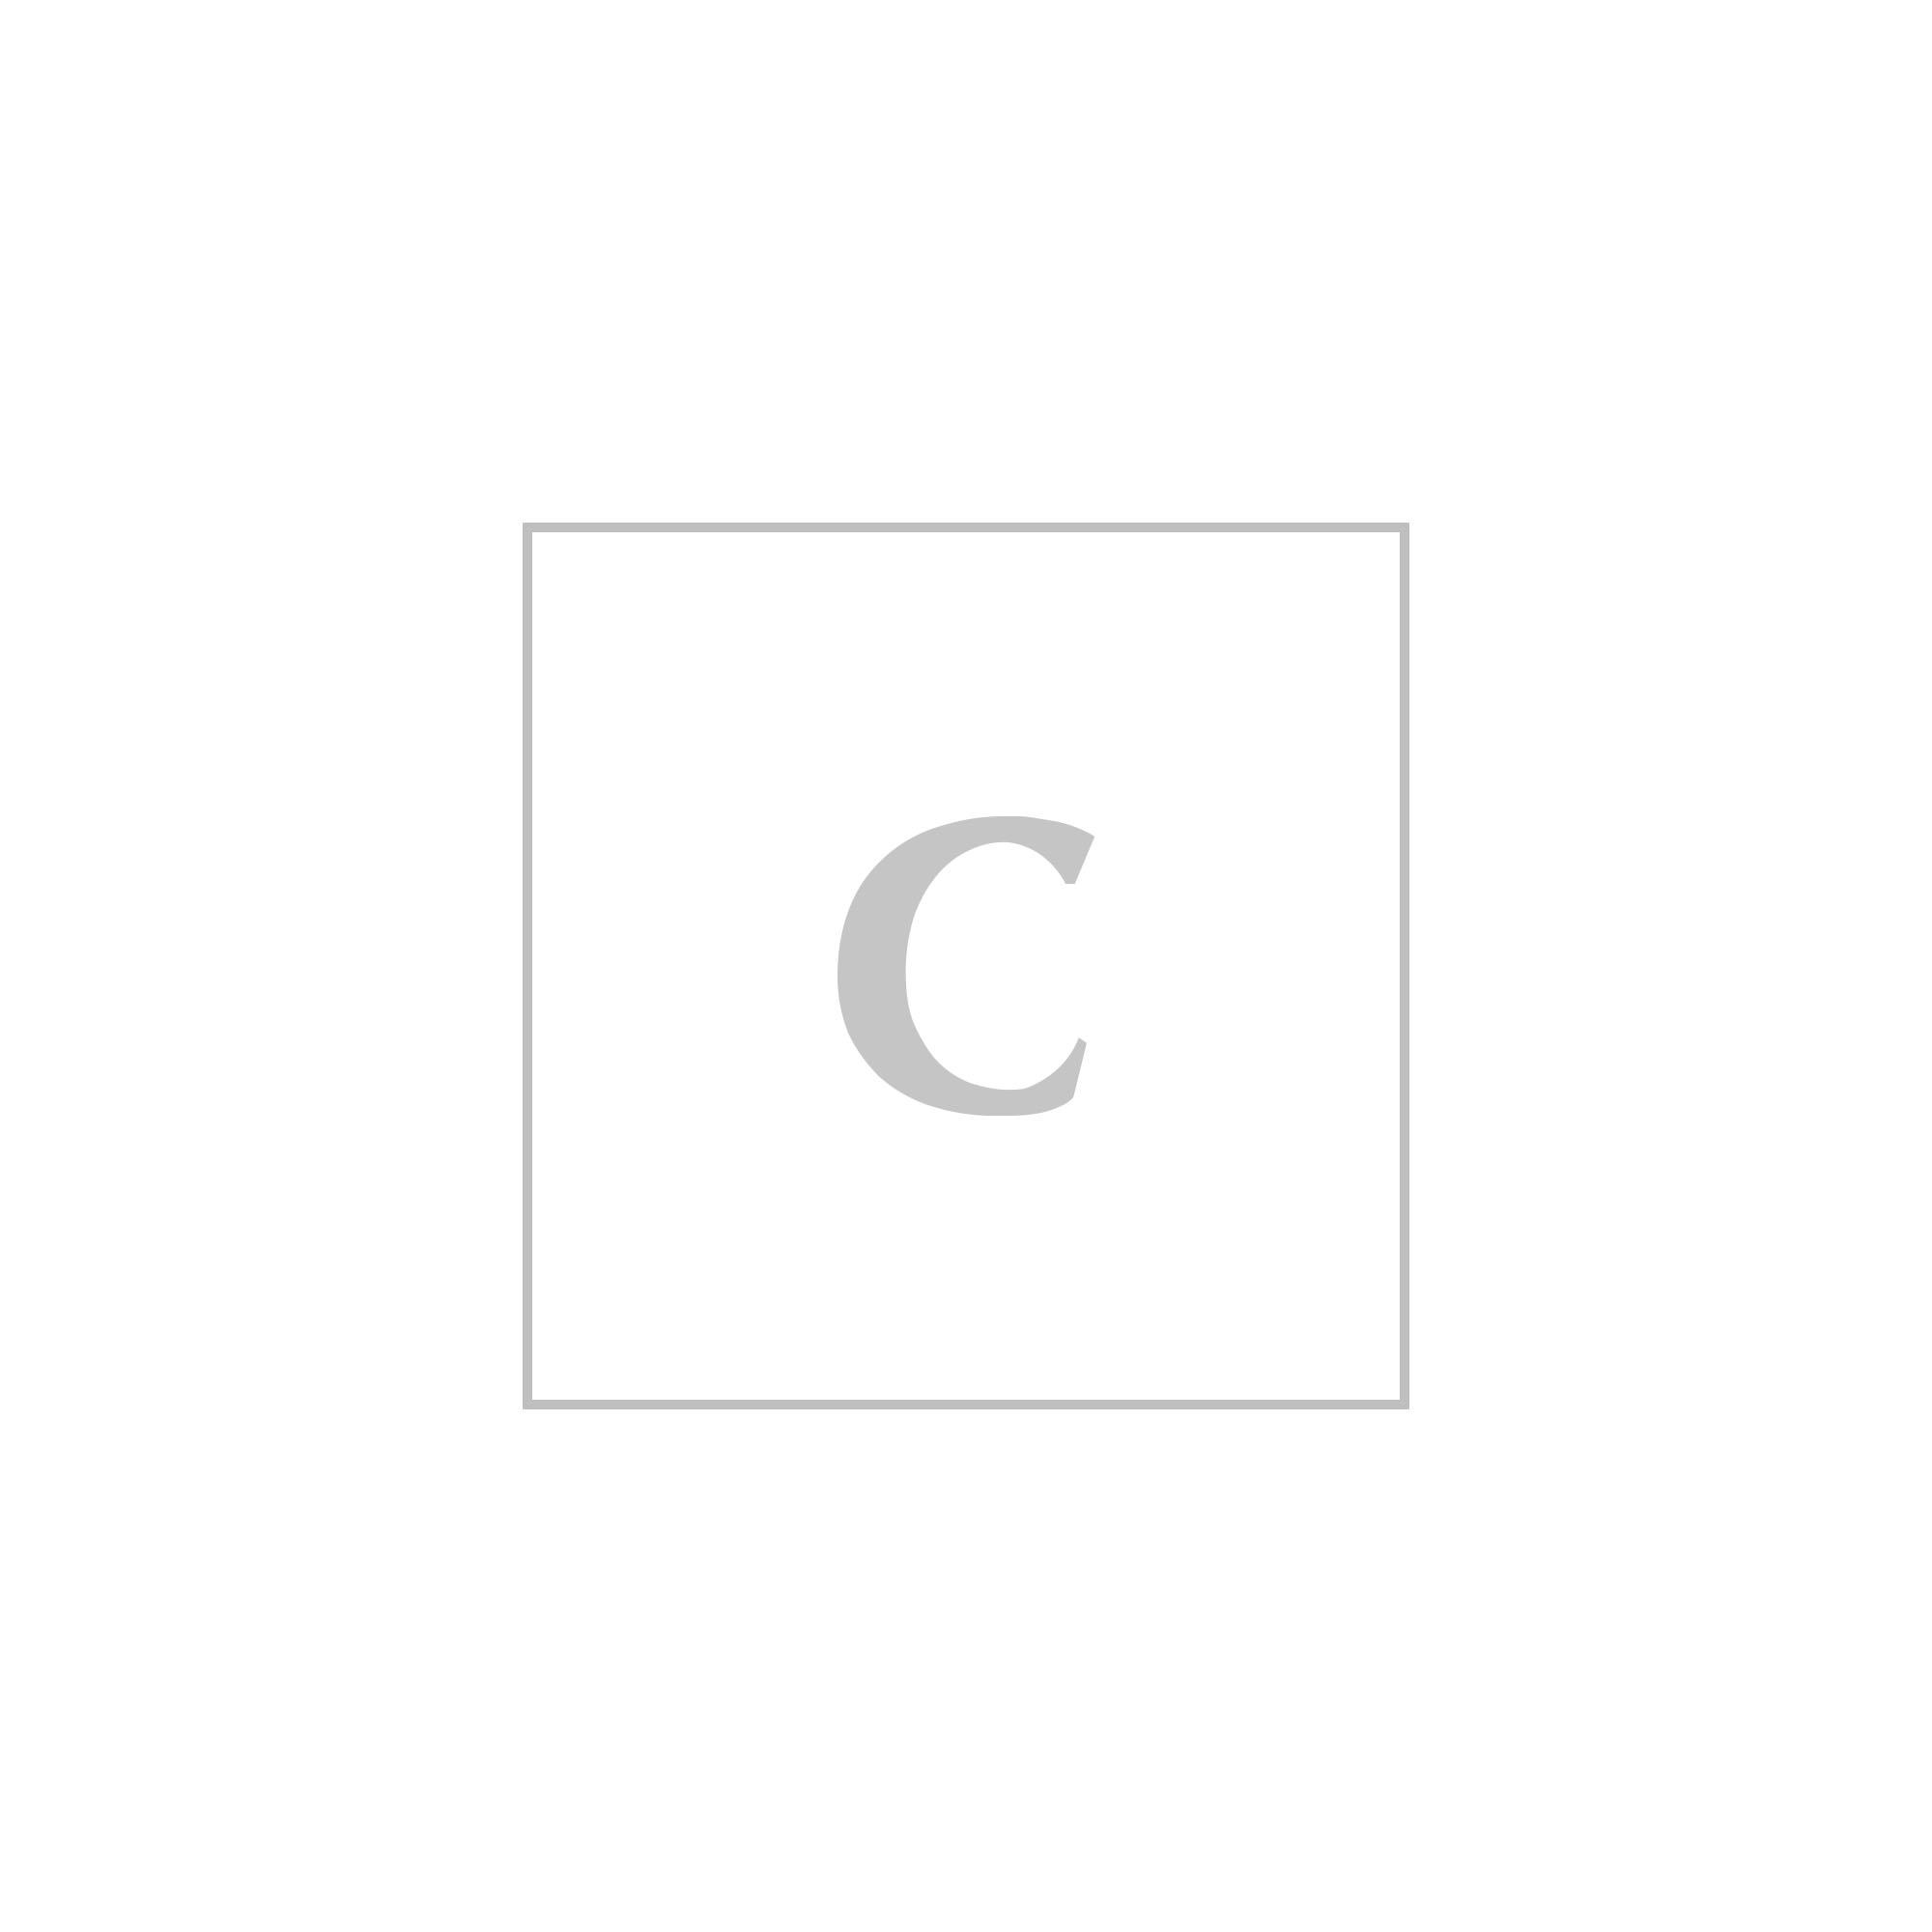 Cc collection corneliani herringbone blazer with plastron